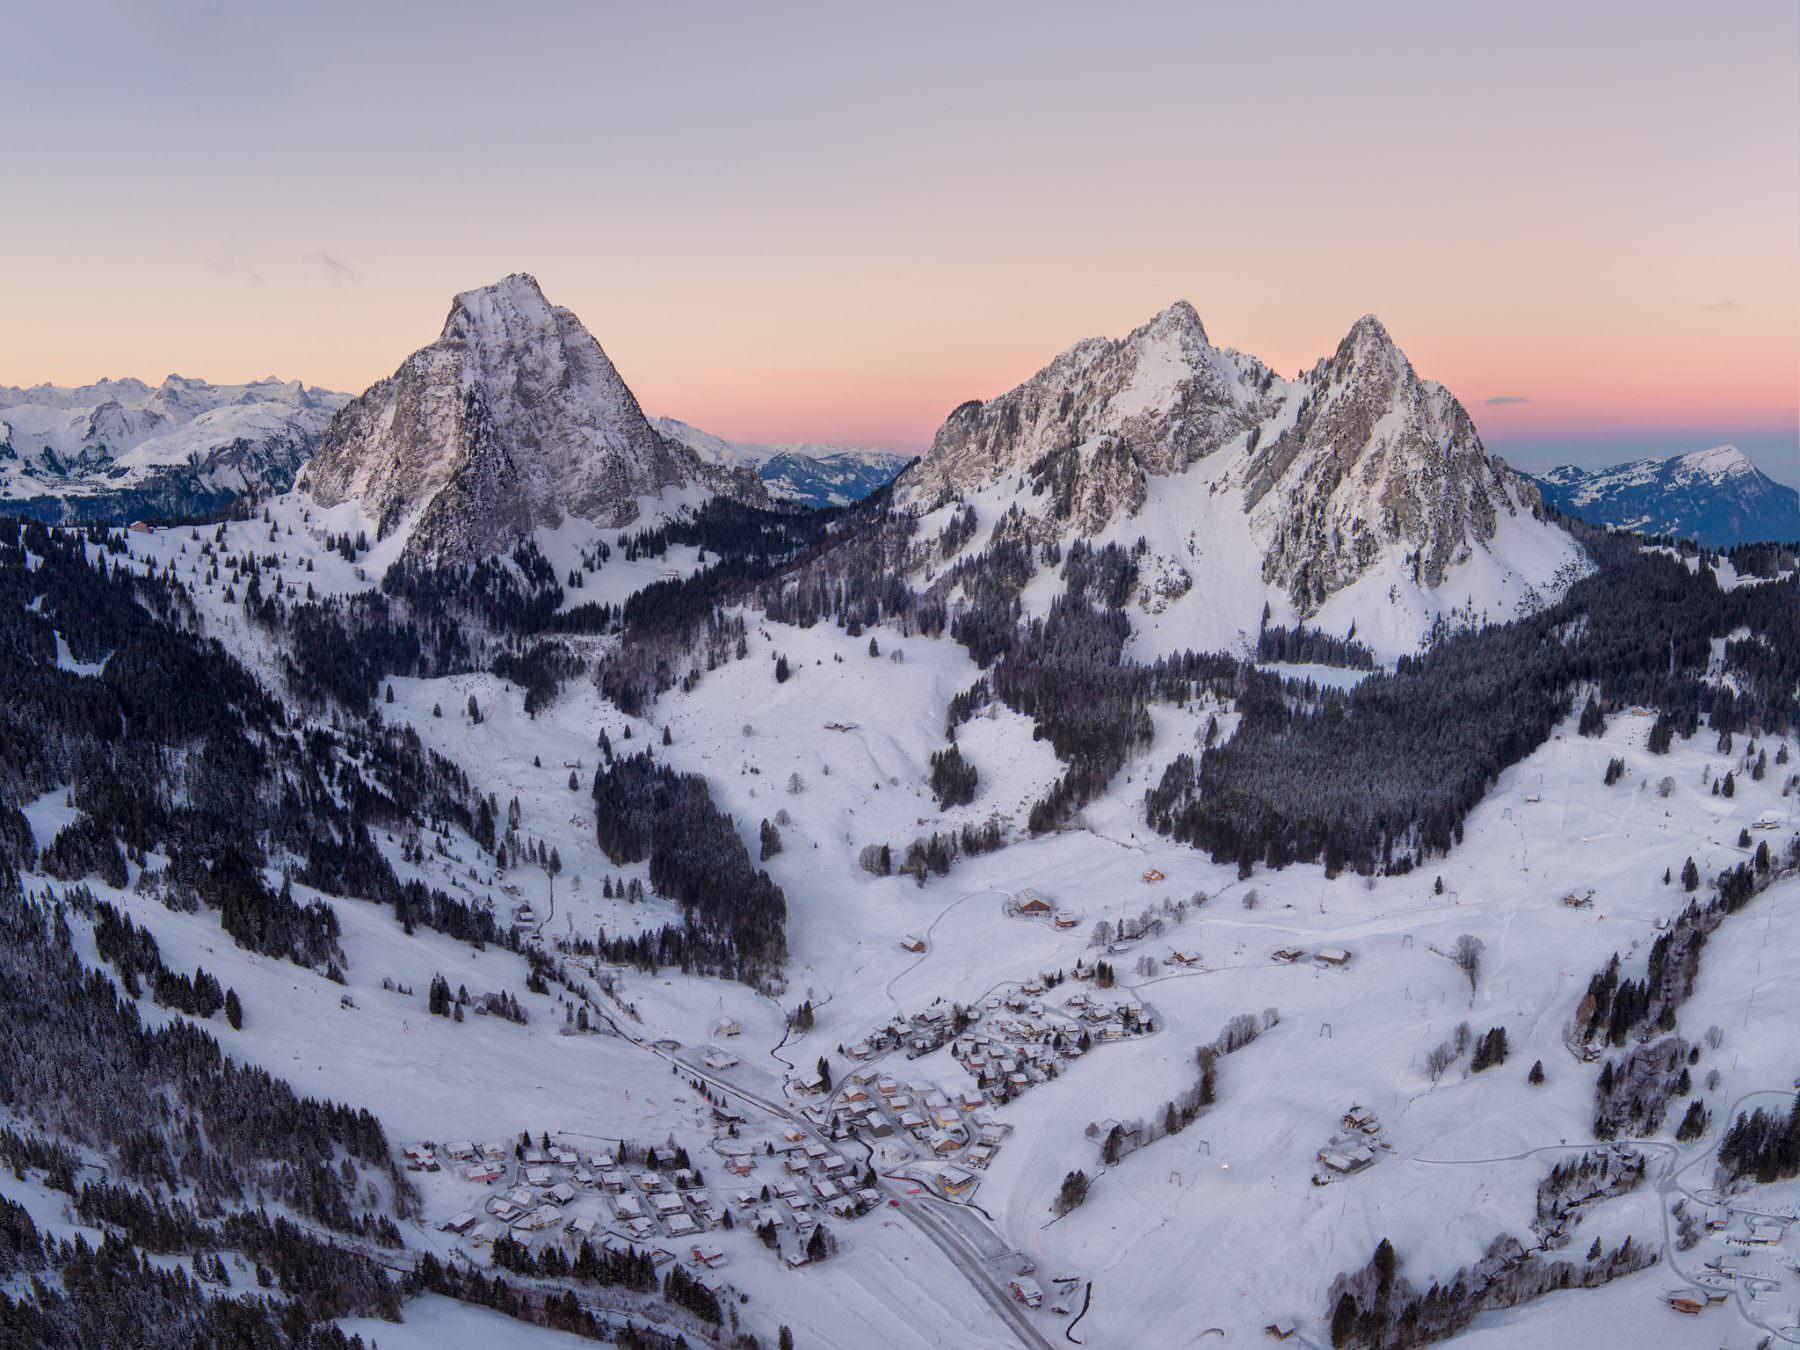 Switzerland, Schwyz, Alpthal, Grosser Mythen, kleine Mythen, just before Sunrise